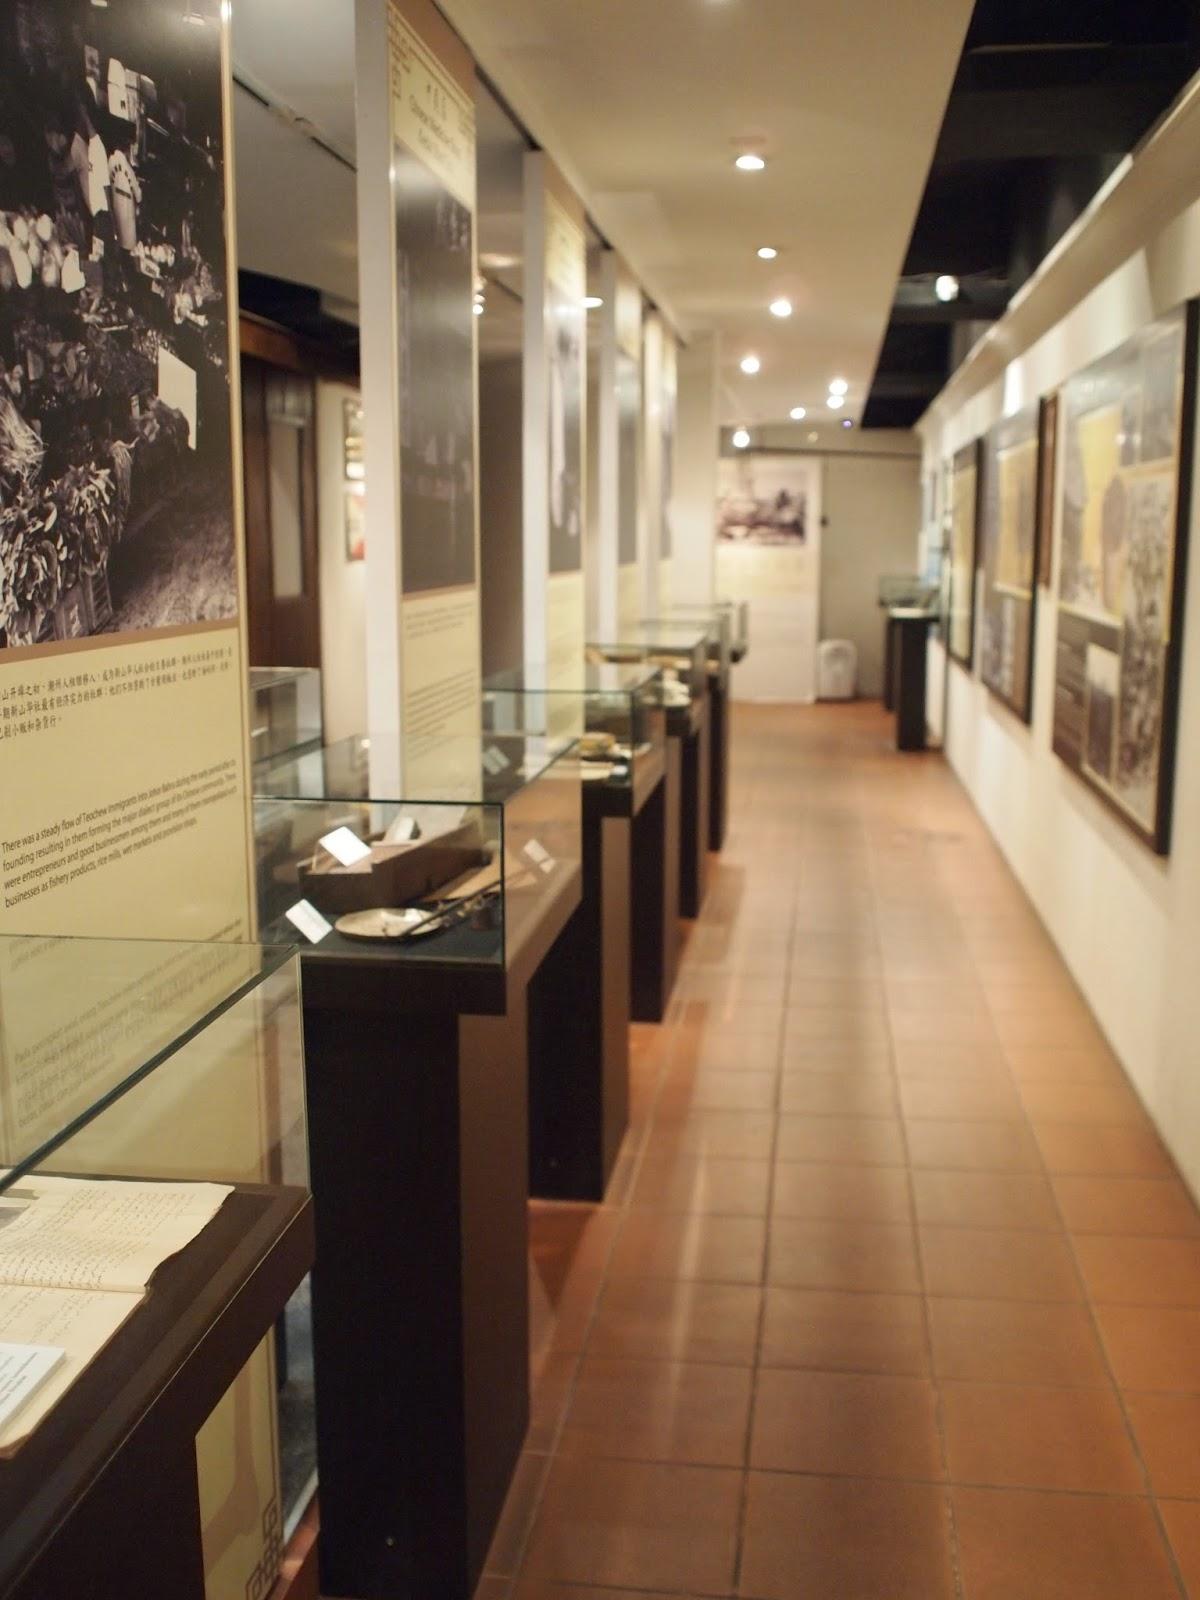 Muzium Warisan Tionghua - Ruang Pameran Yang Kemas Dan Teratur